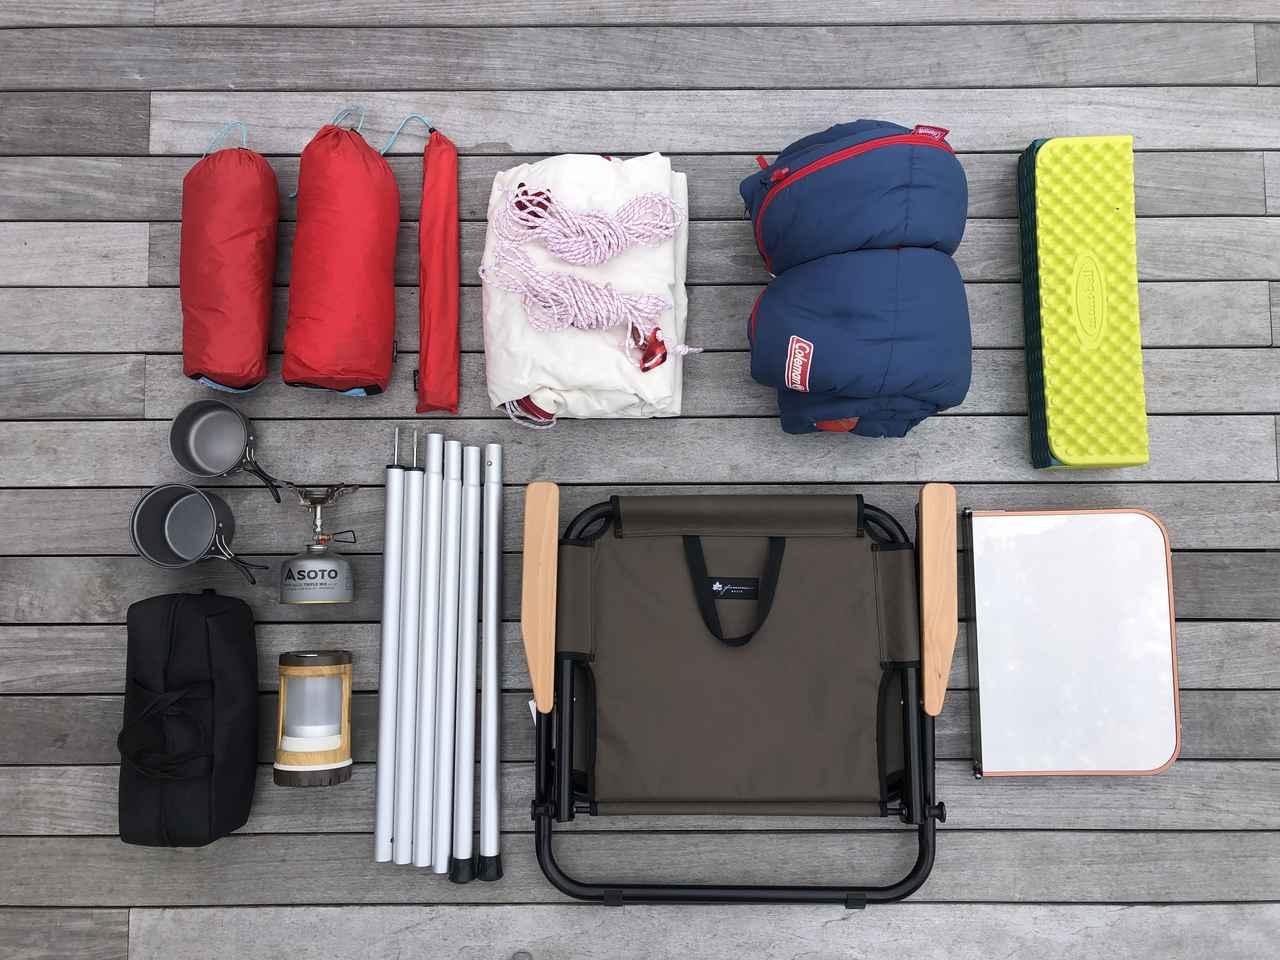 画像: 青川峡キャンピングパーク提供 キャンプには必要な道具がたくさん